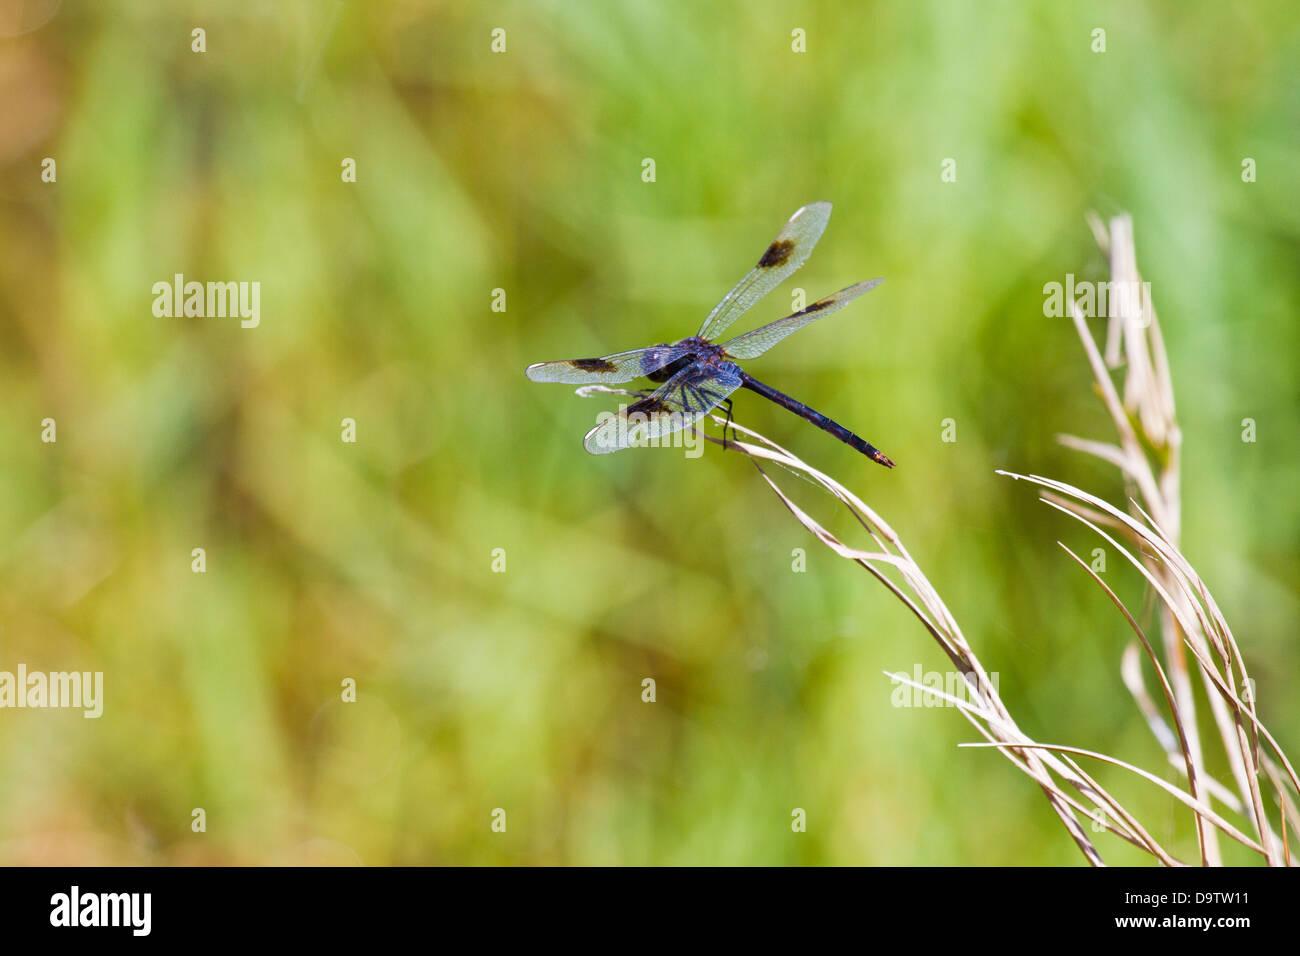 Dragonfly pronti per il Decollo Immagini Stock